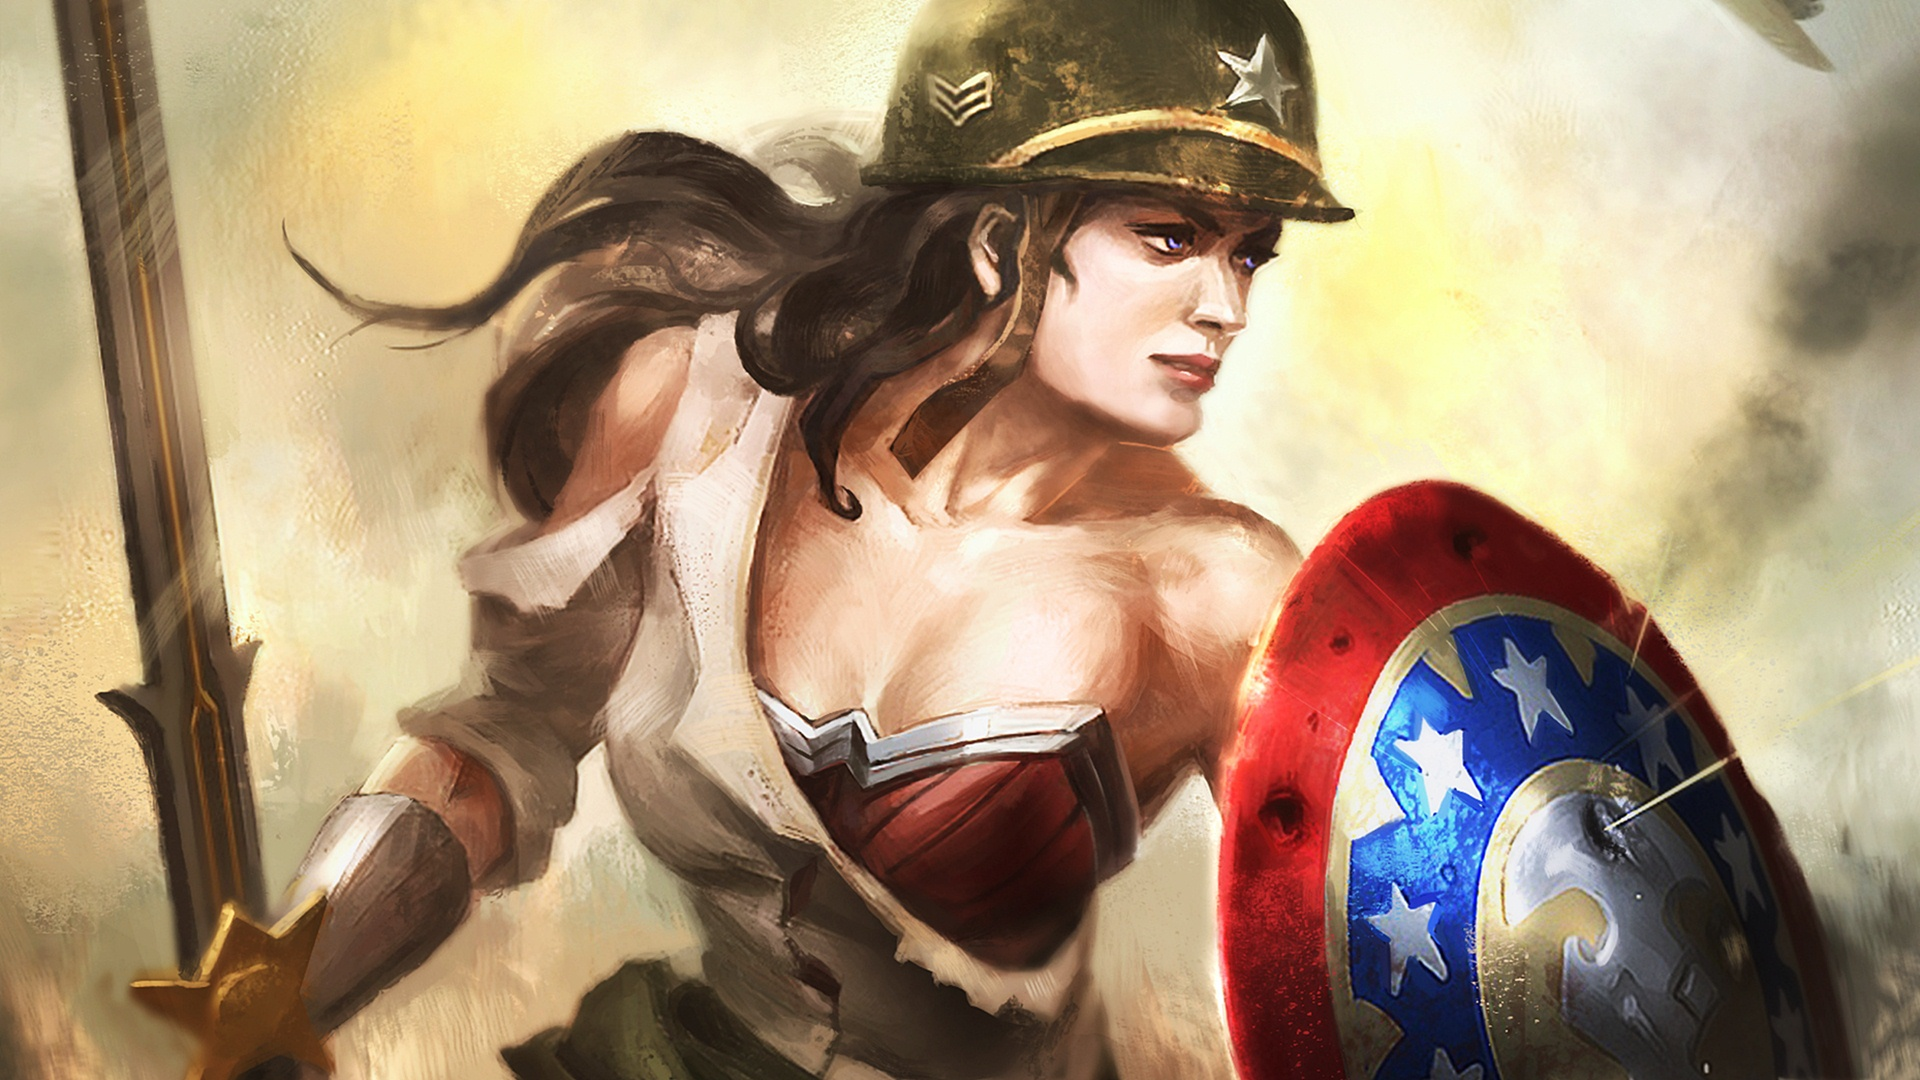 Wonder Woman Warrior Hd Superheroes 4k Wallpapers Images